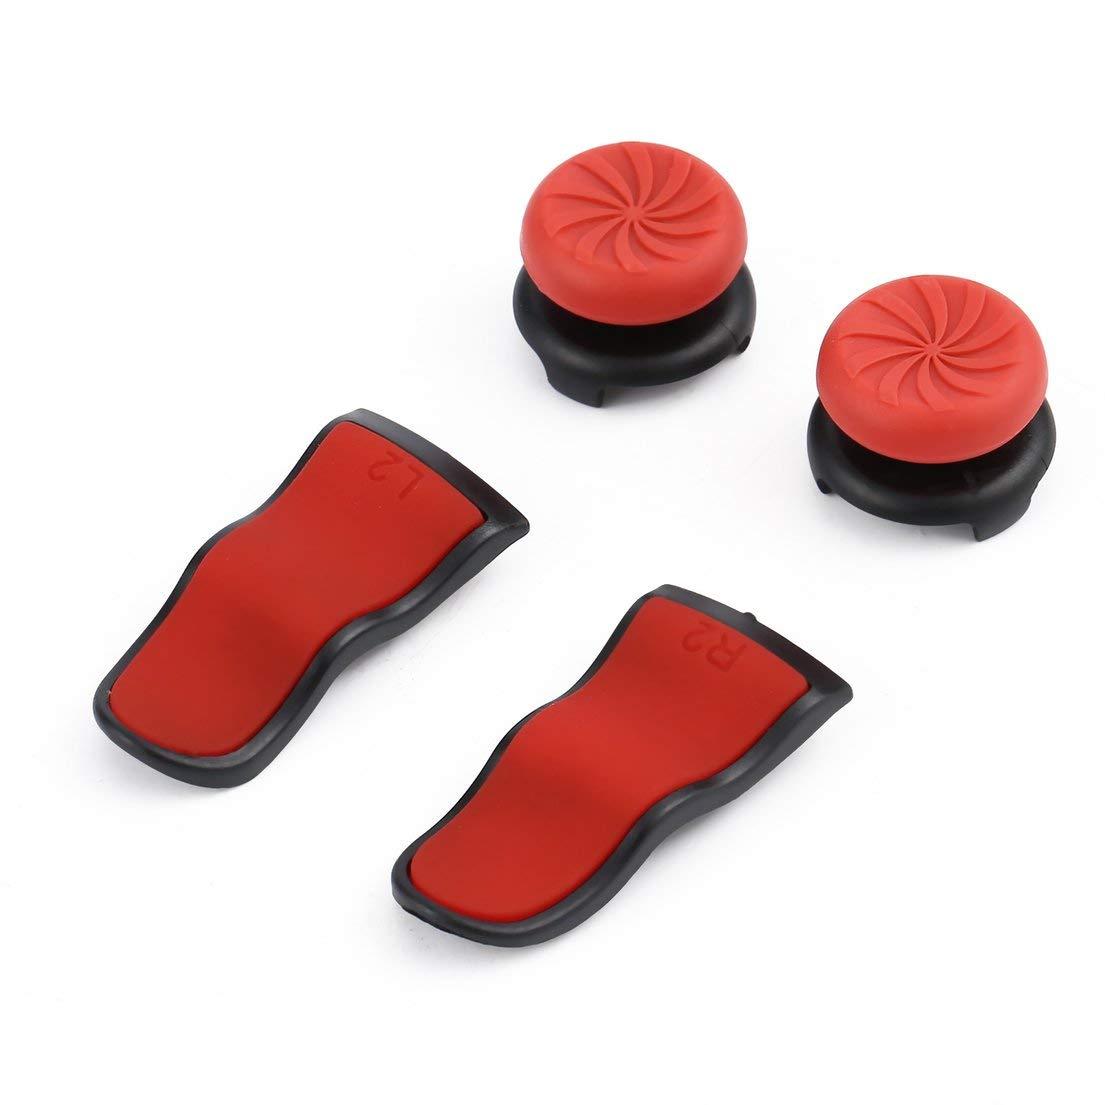 L2 R2-Tasten Extention Trigger Handle Rocker Cap-Abdeckungssatz Soft Touch Grip Extenders Spieleinstellungen f/ür den PS4-Controller DFHJSXD